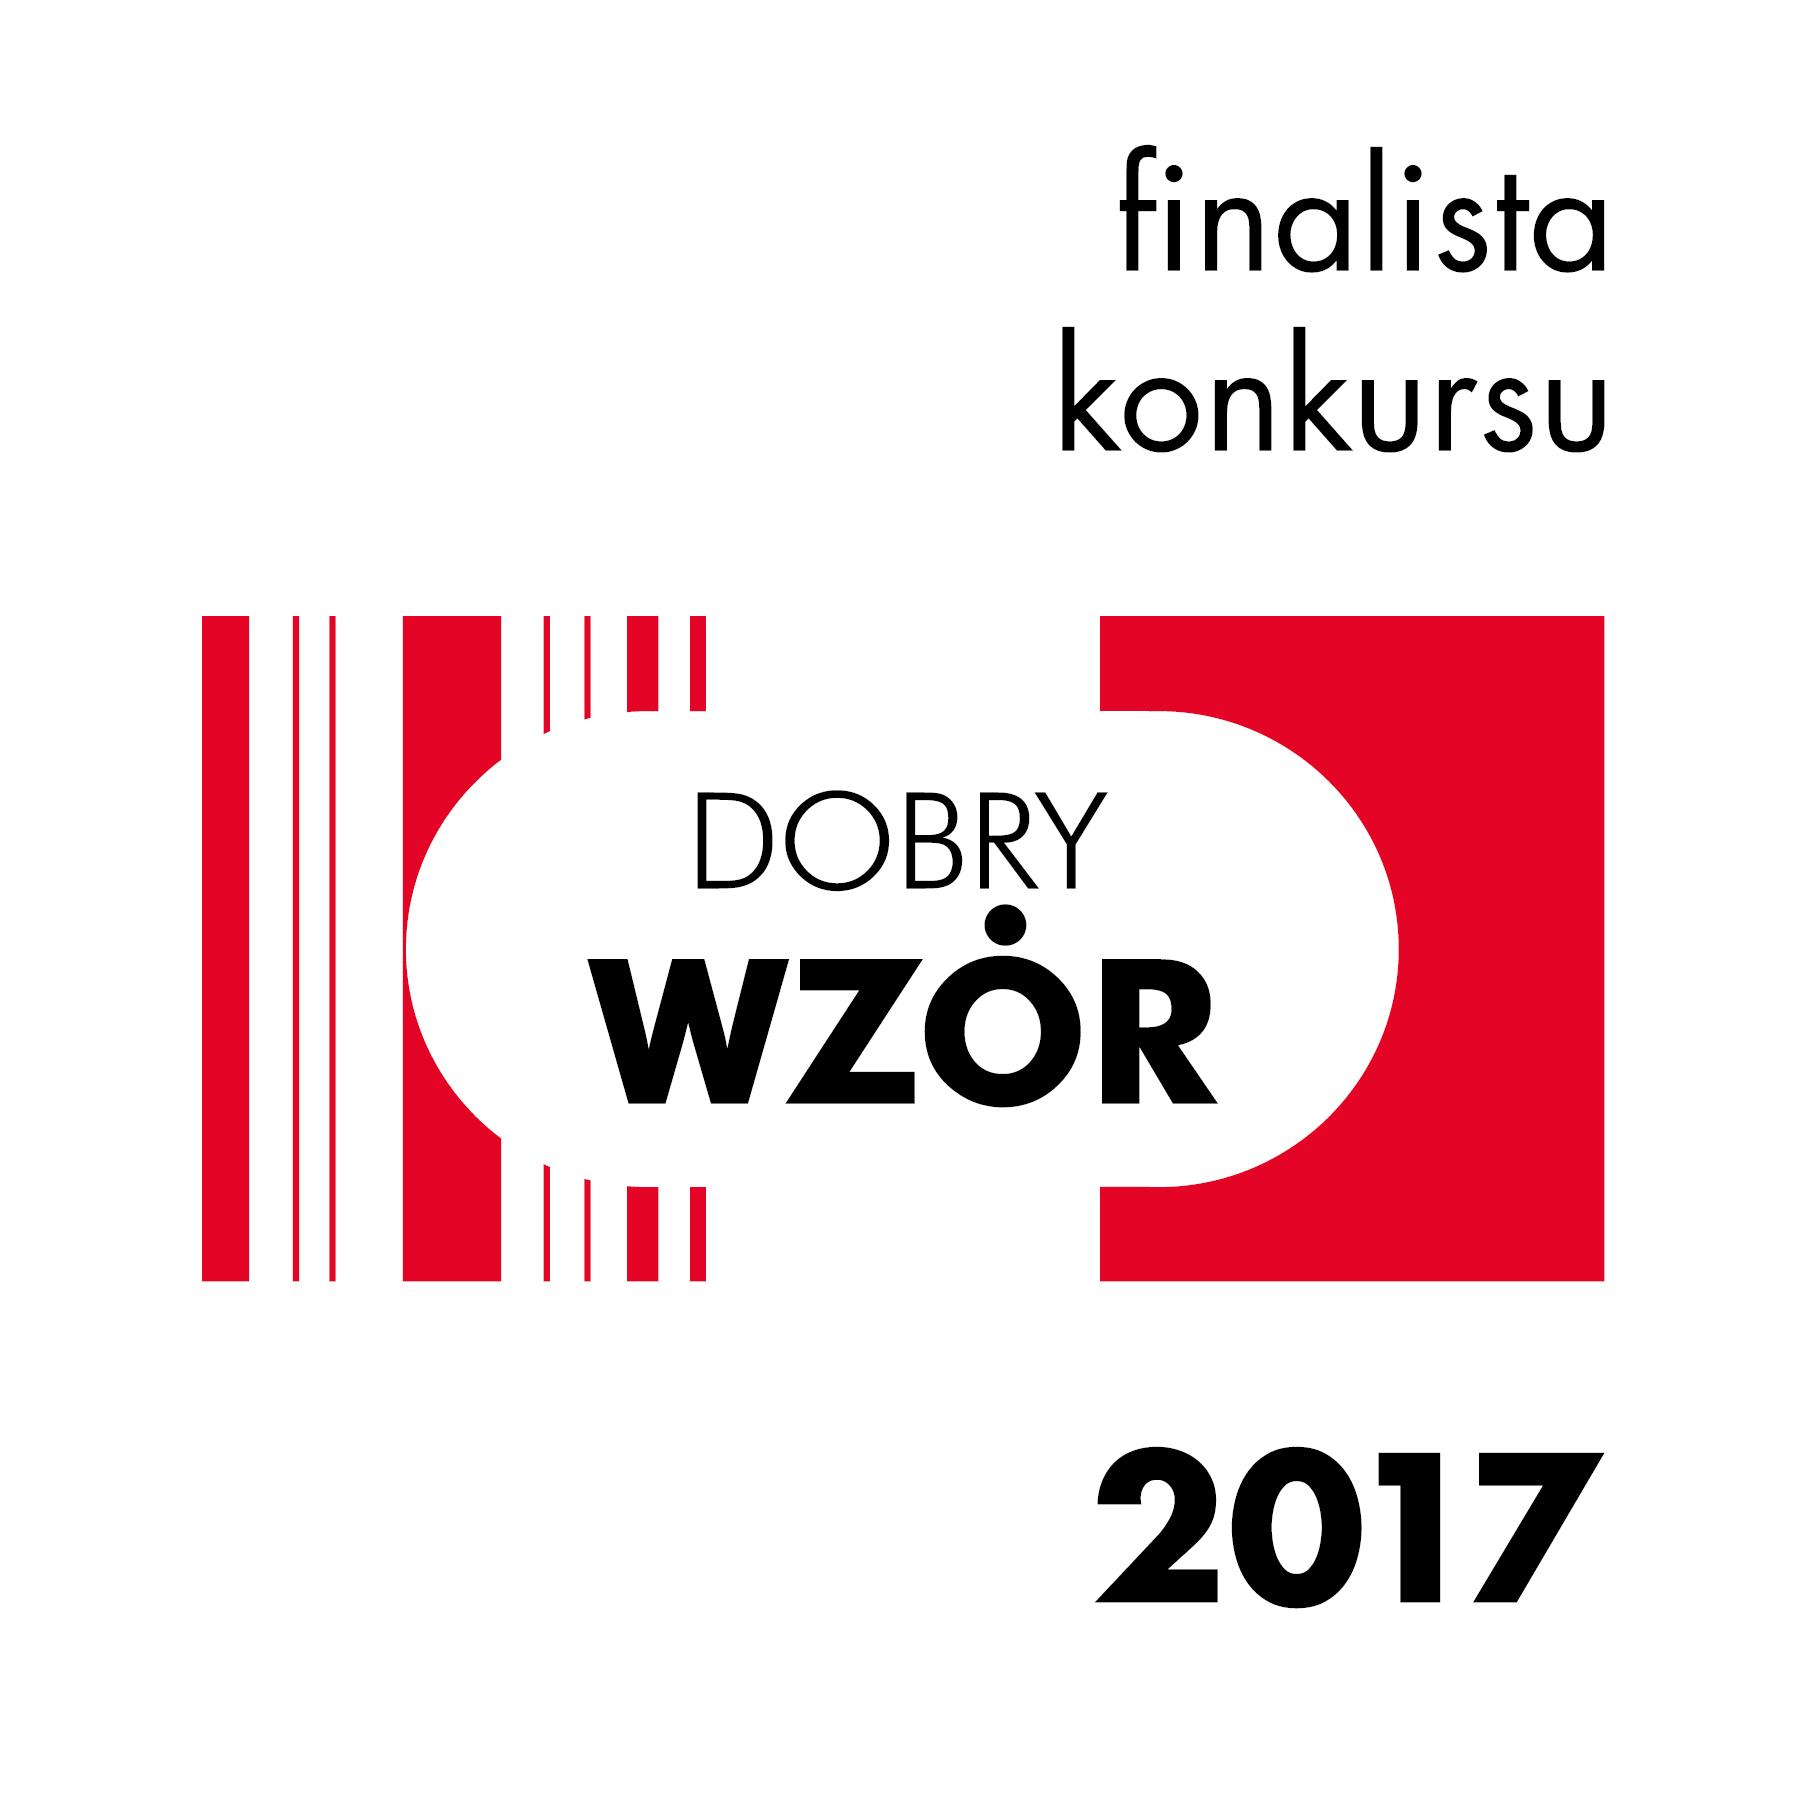 dobry_wzor_2017